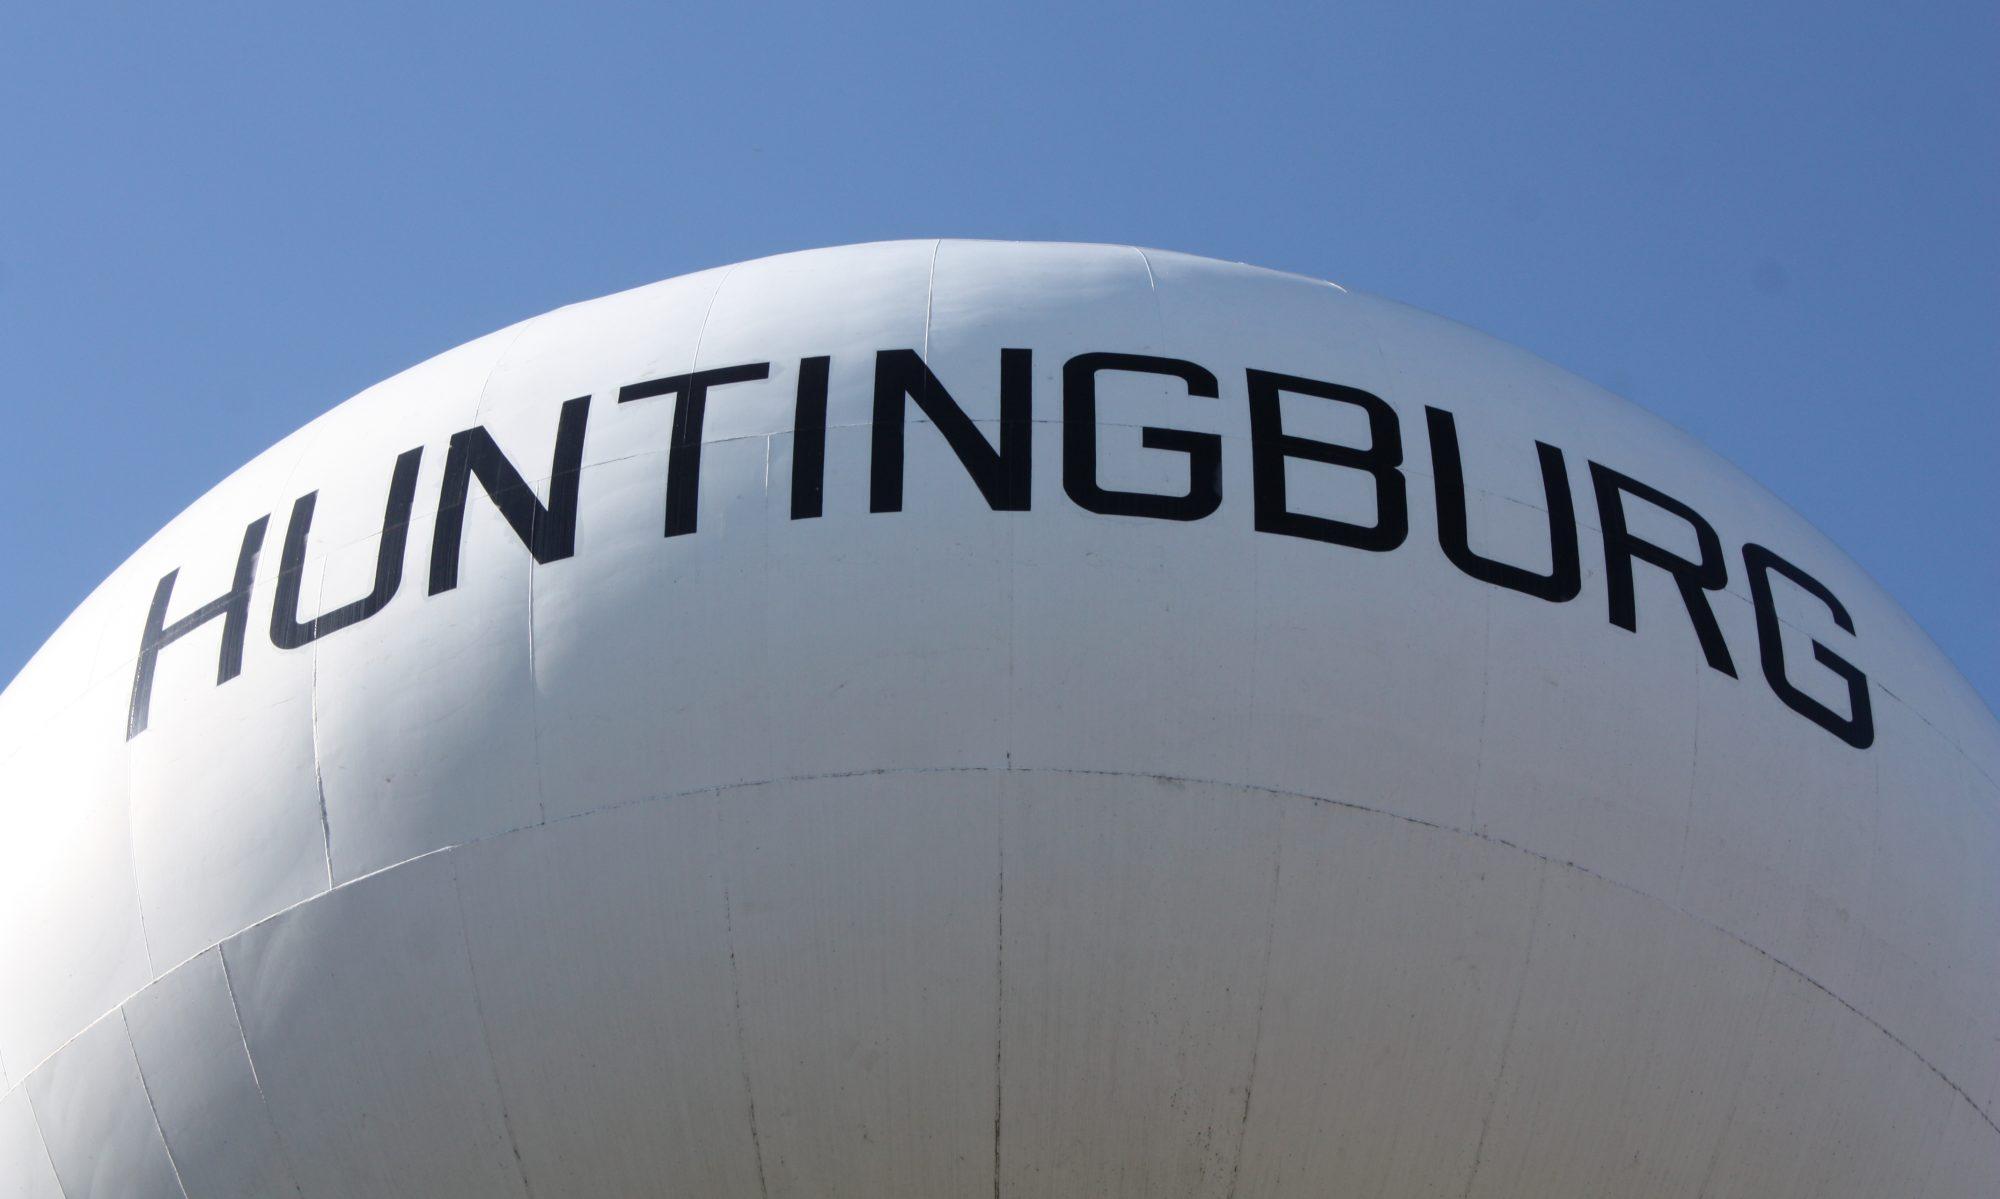 Huntingburg